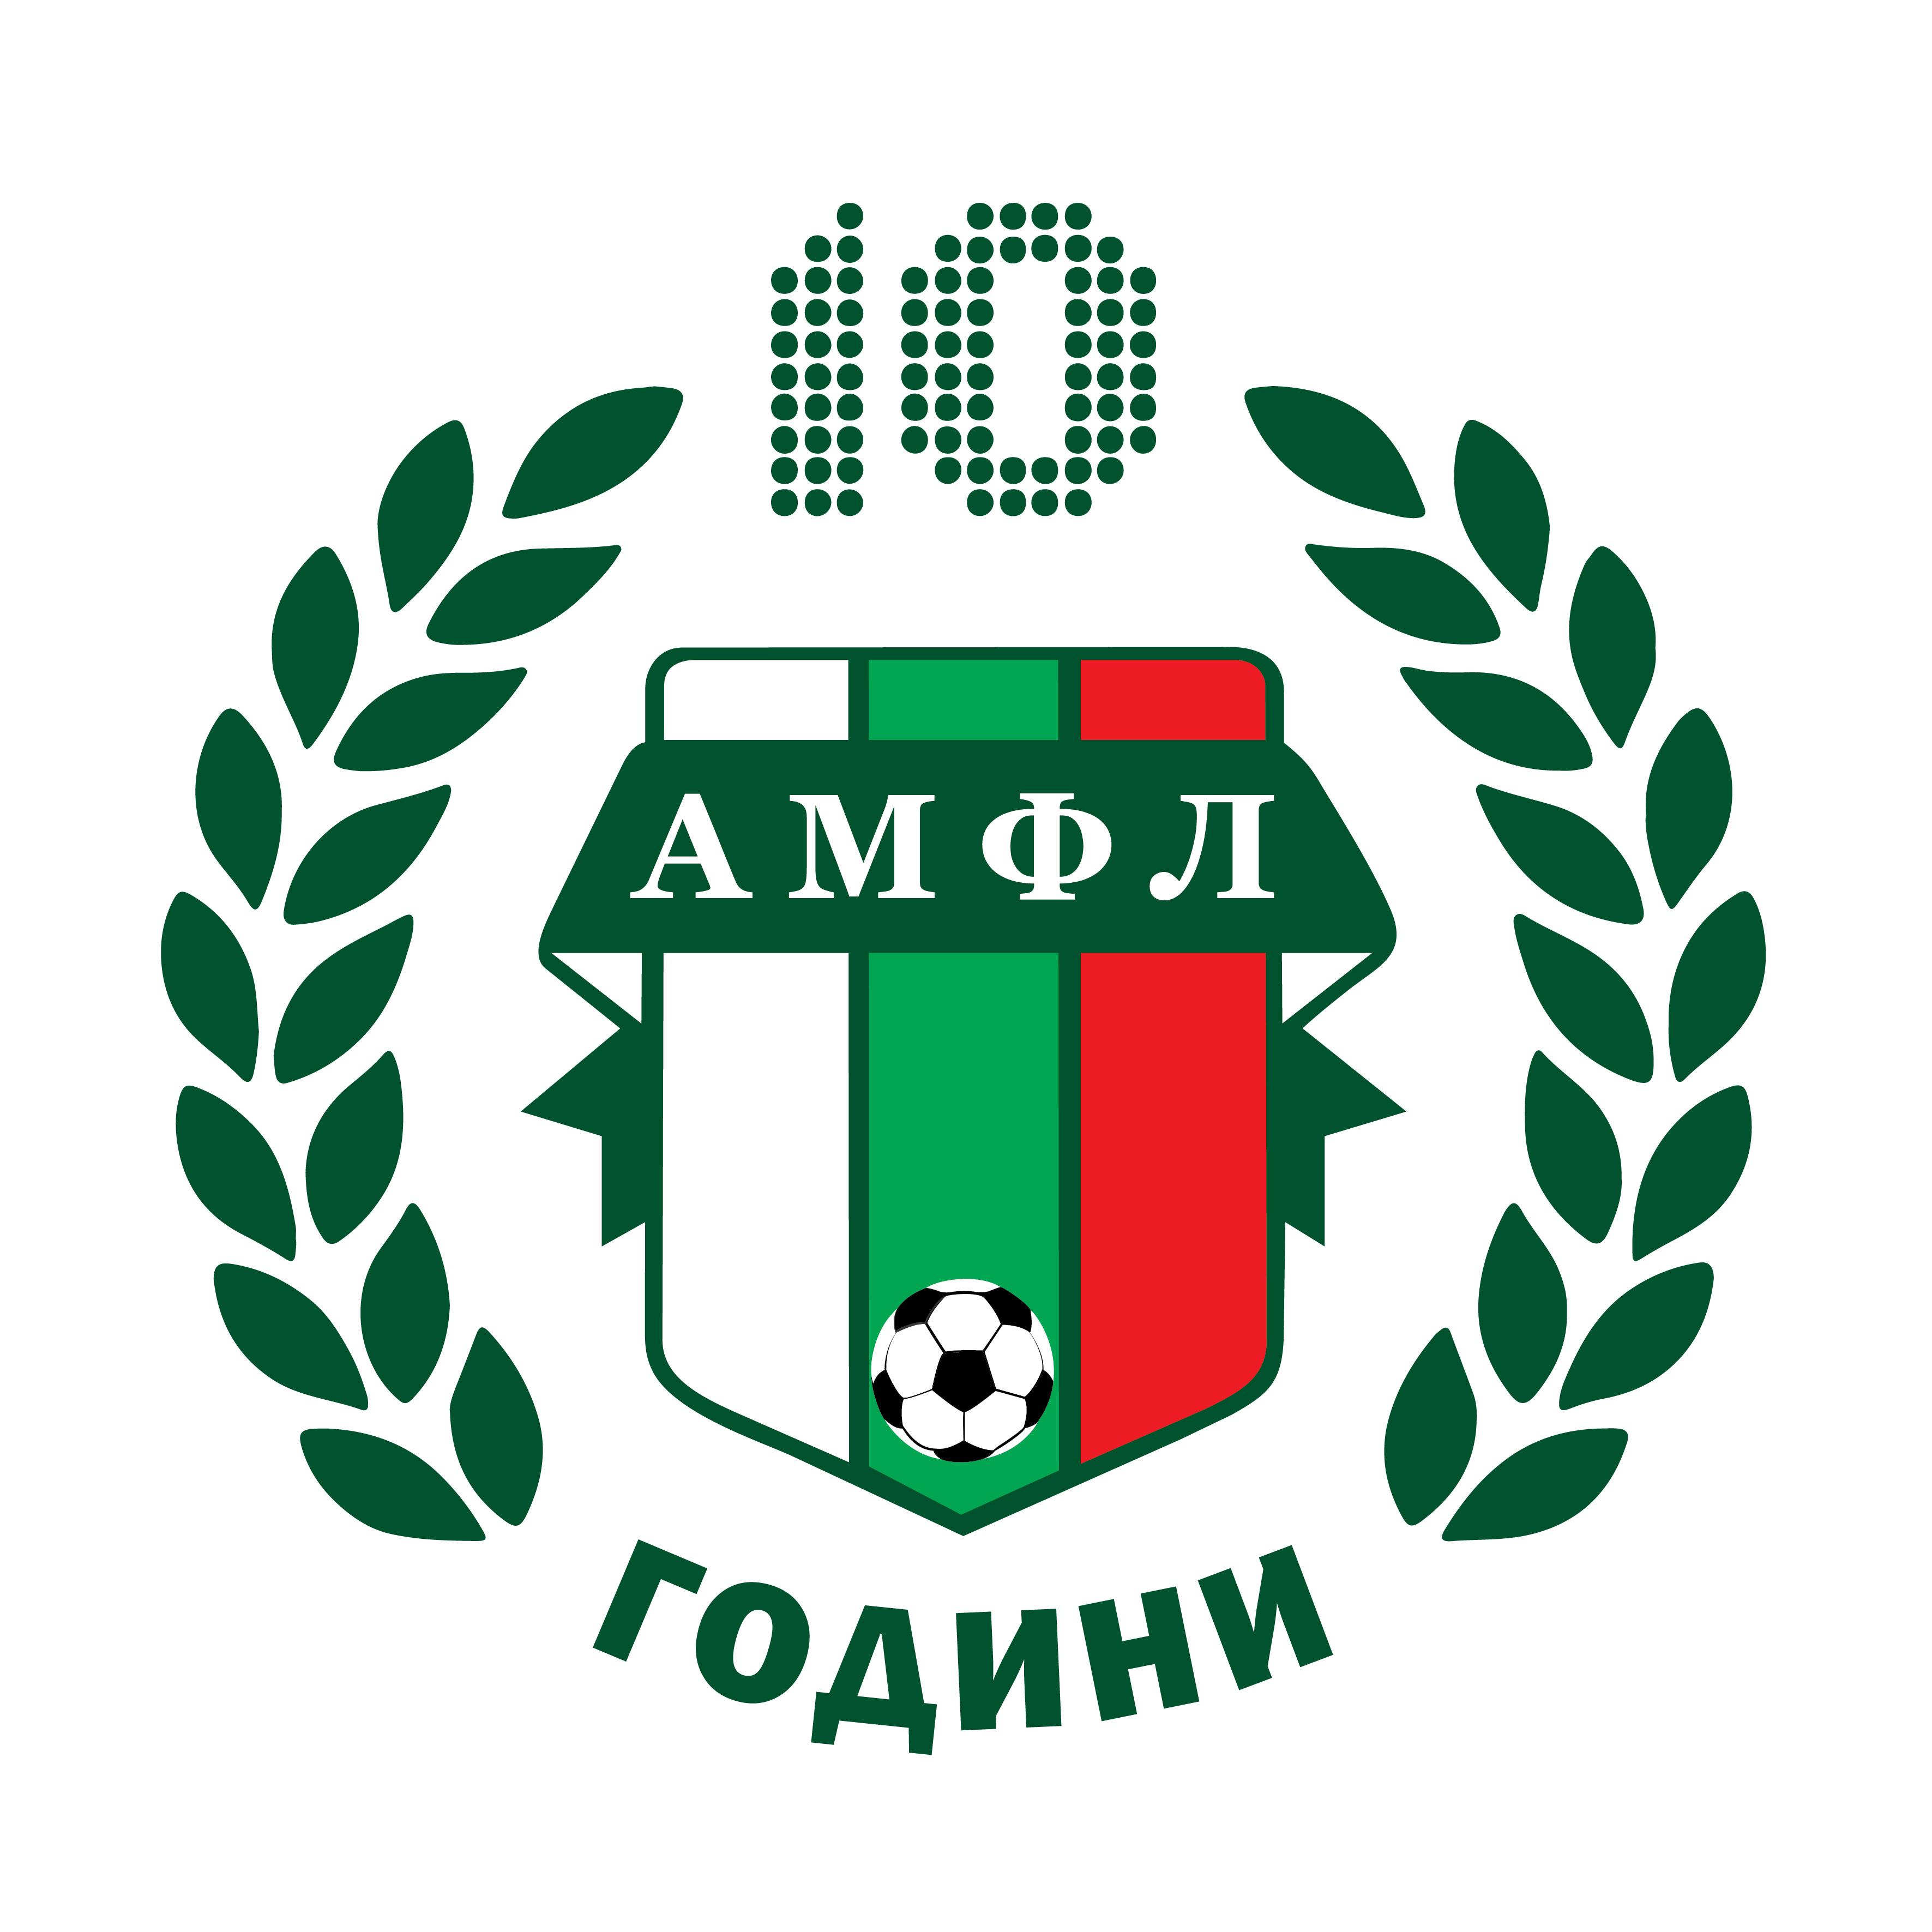 MIHAIL ANDREEV